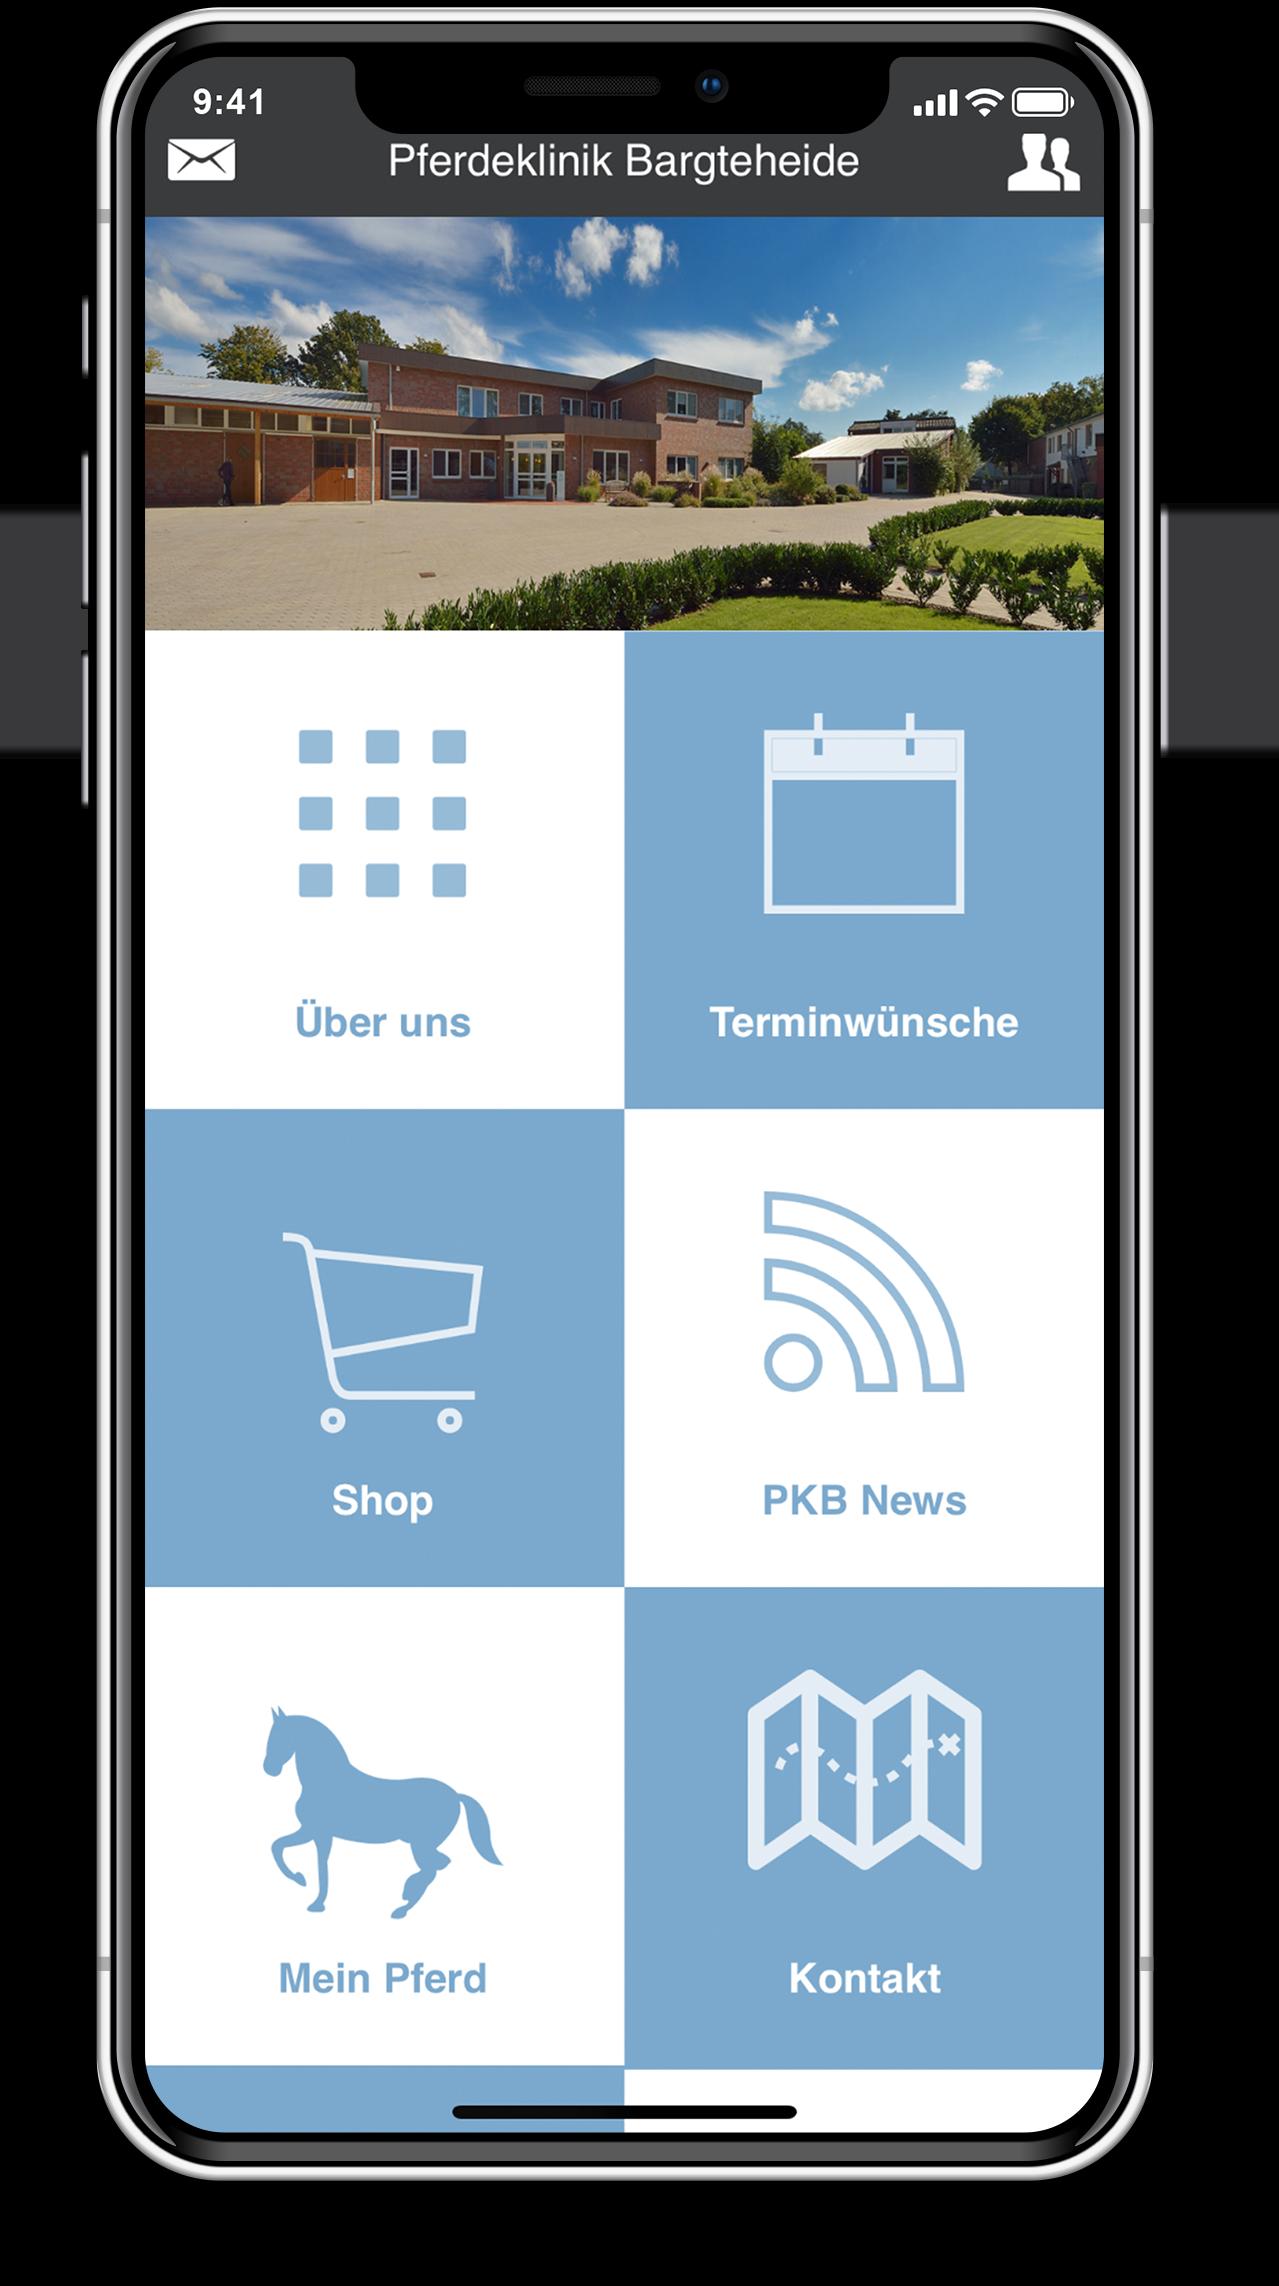 Pferdeklinik Bargteheide App auf einem iPhone X